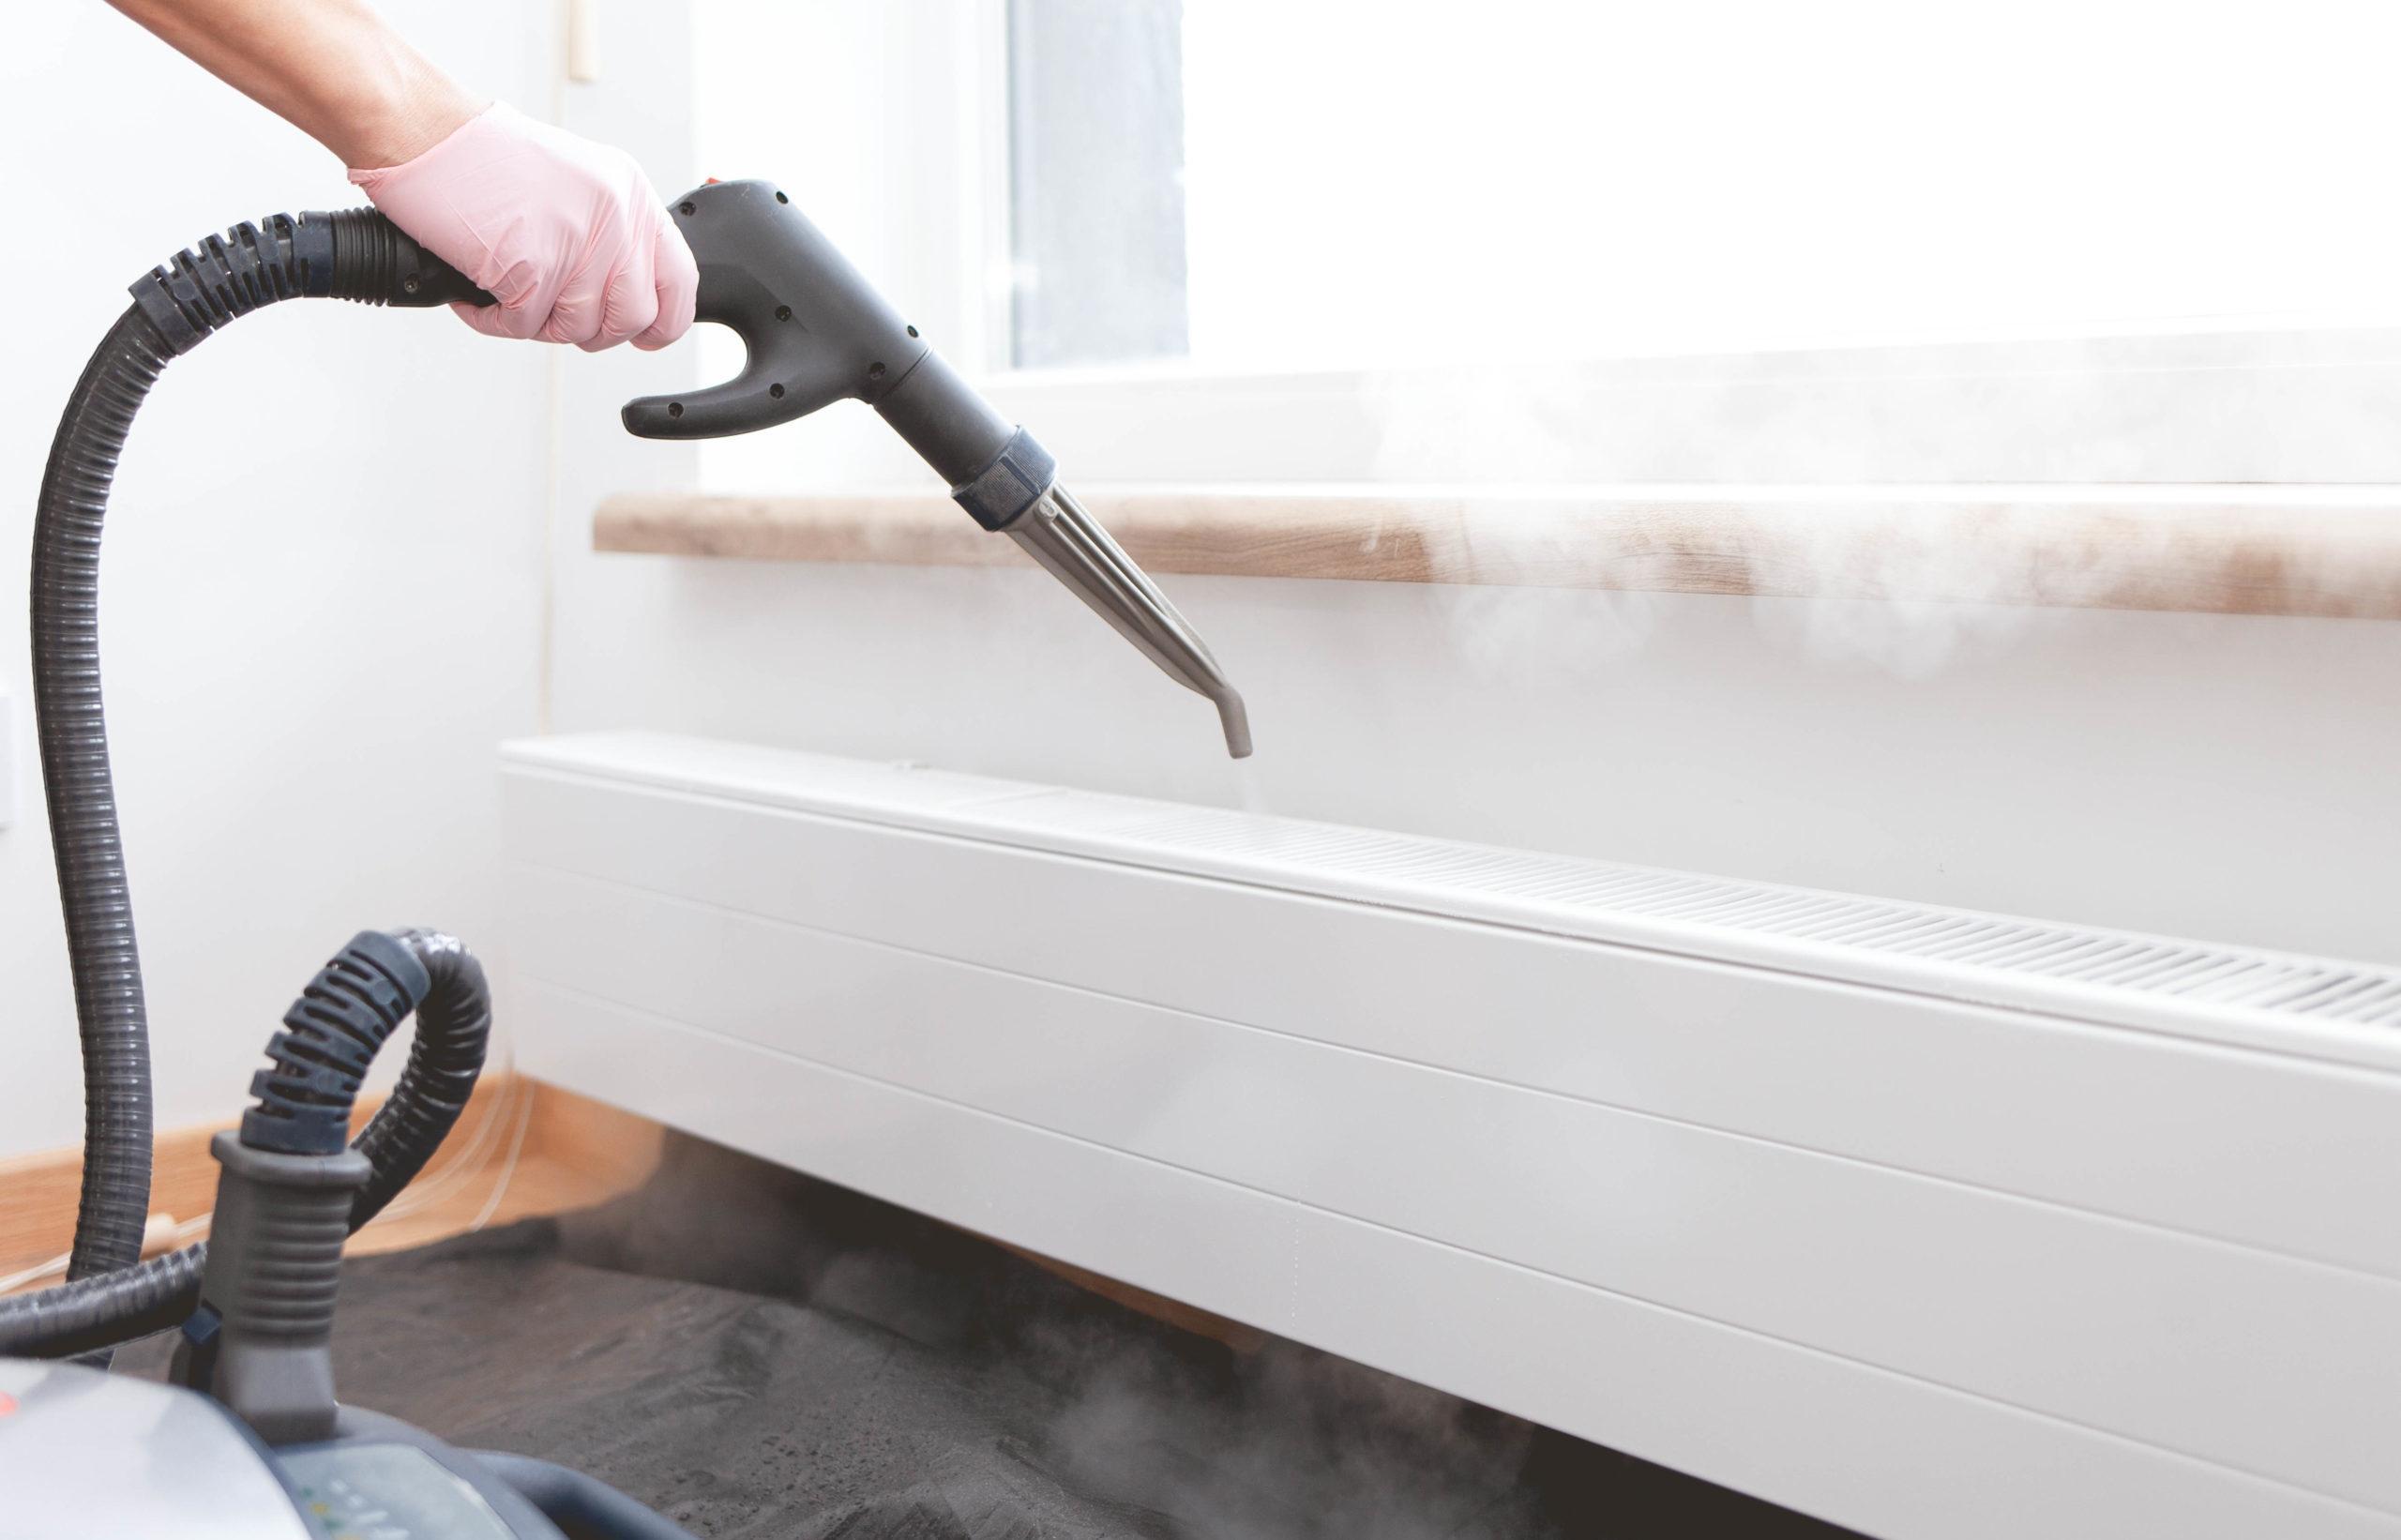 Fassadenreinigung | Steinreinigung | Fassadenimprägnieren